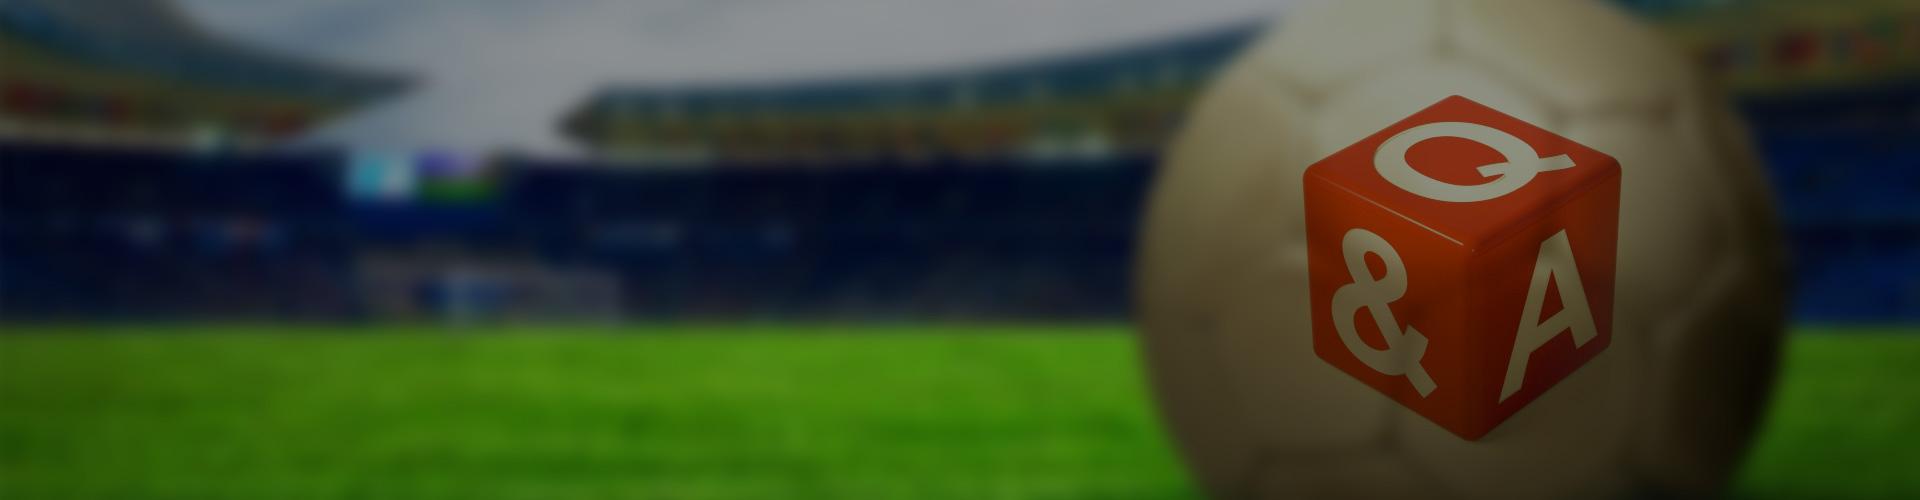 Sportwetten Abkürzungen – Die Erklärung und weitere Antworten